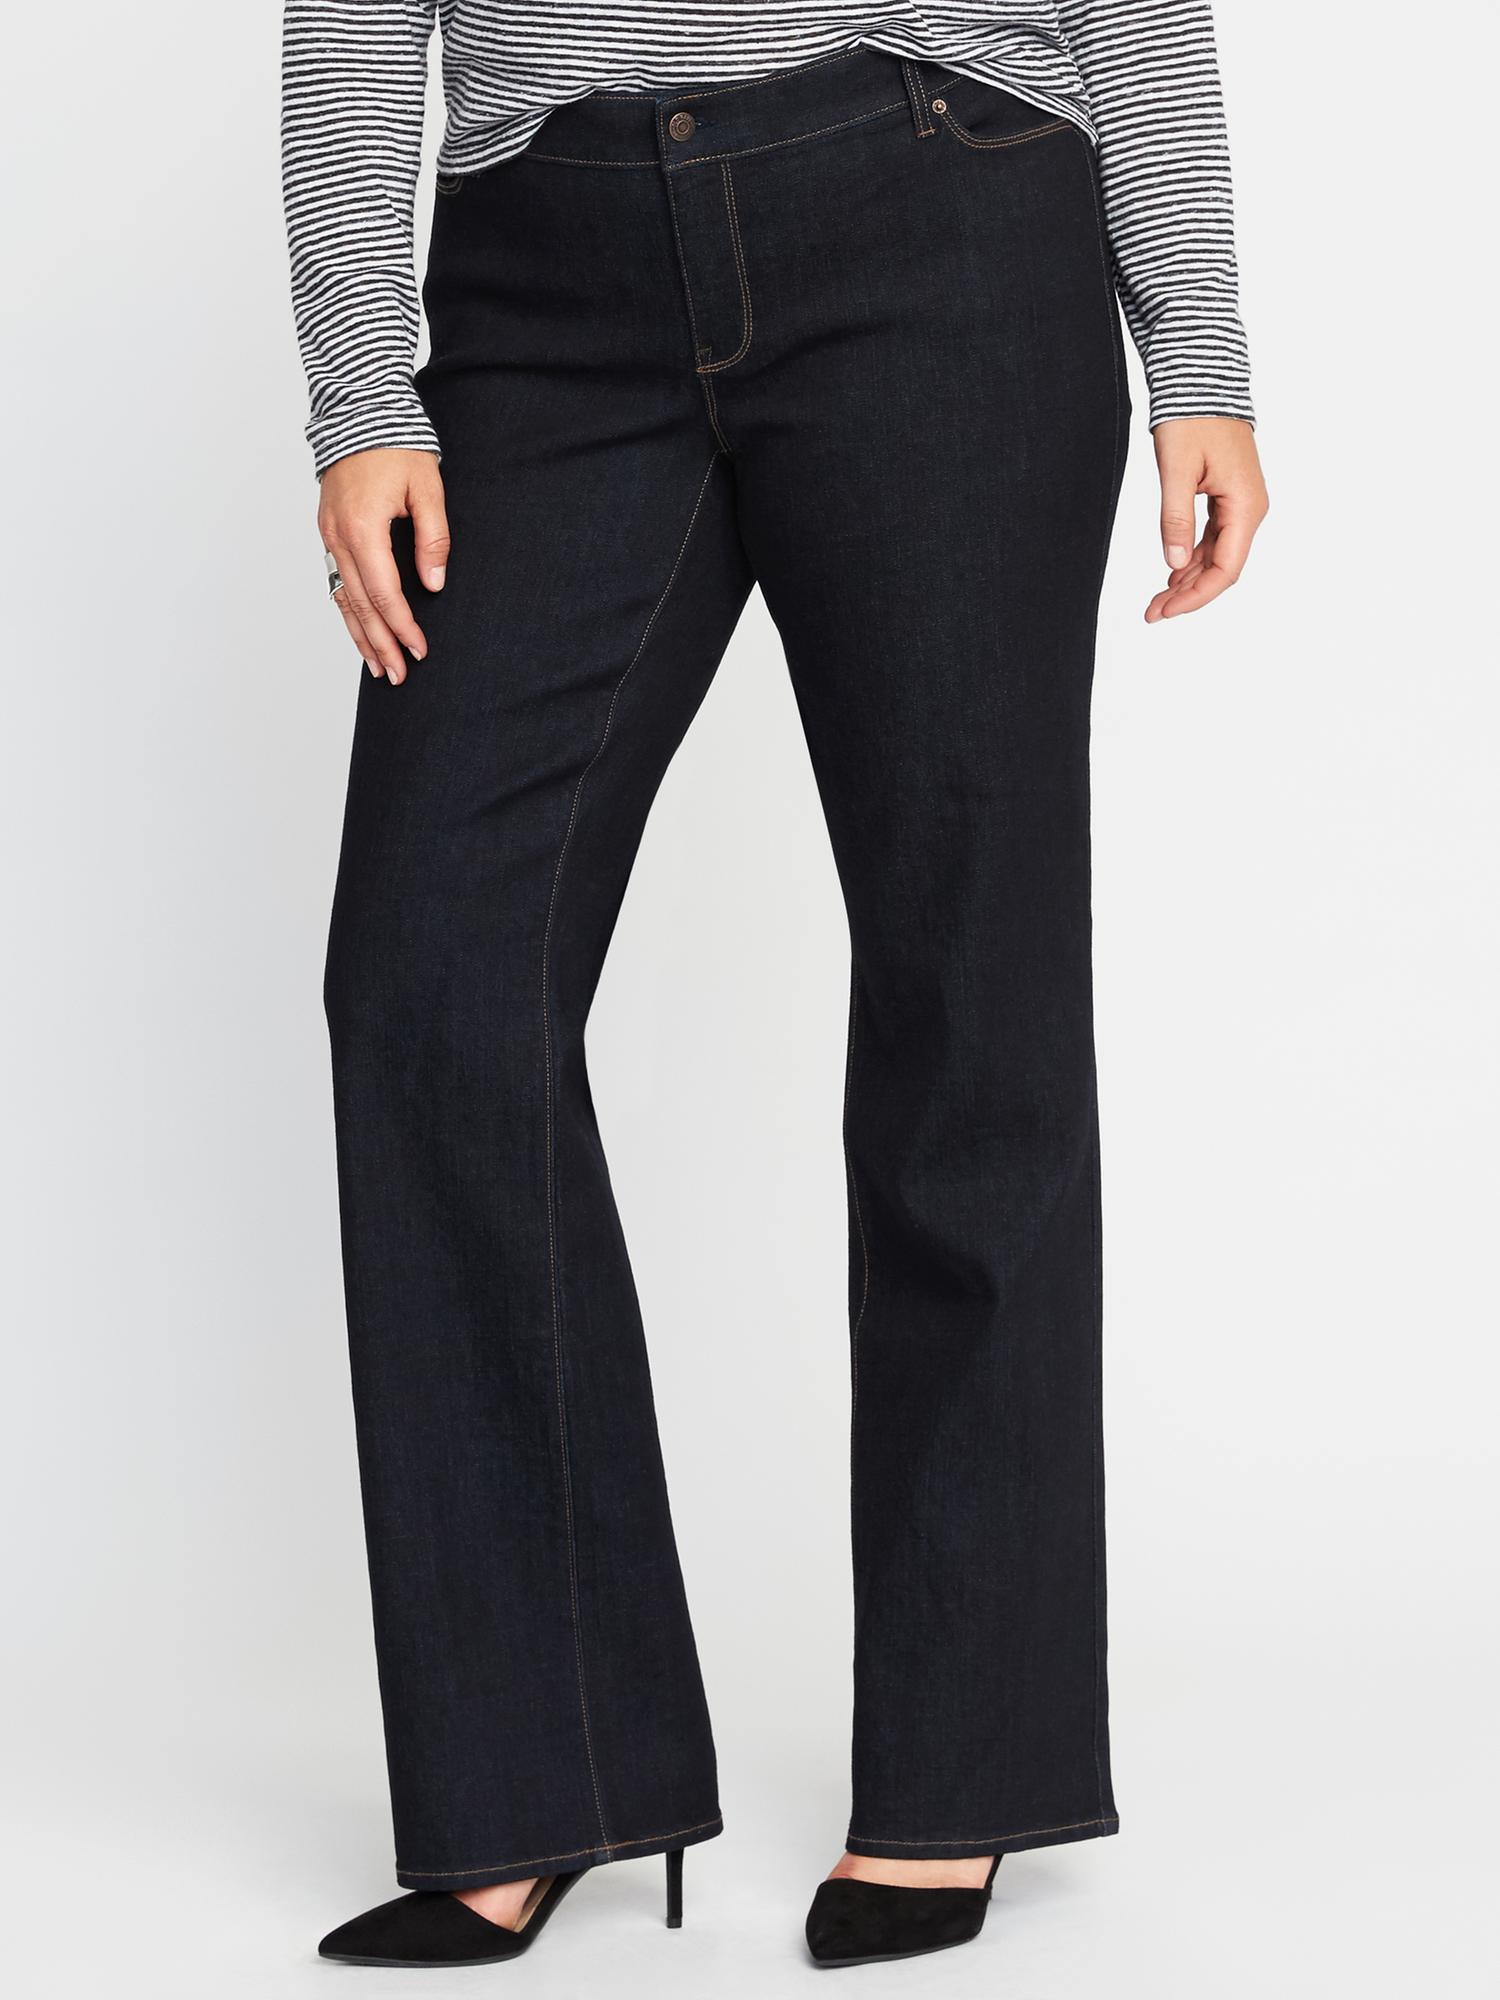 146128325013c Mid-Rise Secret-Slim Pockets Plus-Size Boot-Cut Jeans   Old Navy